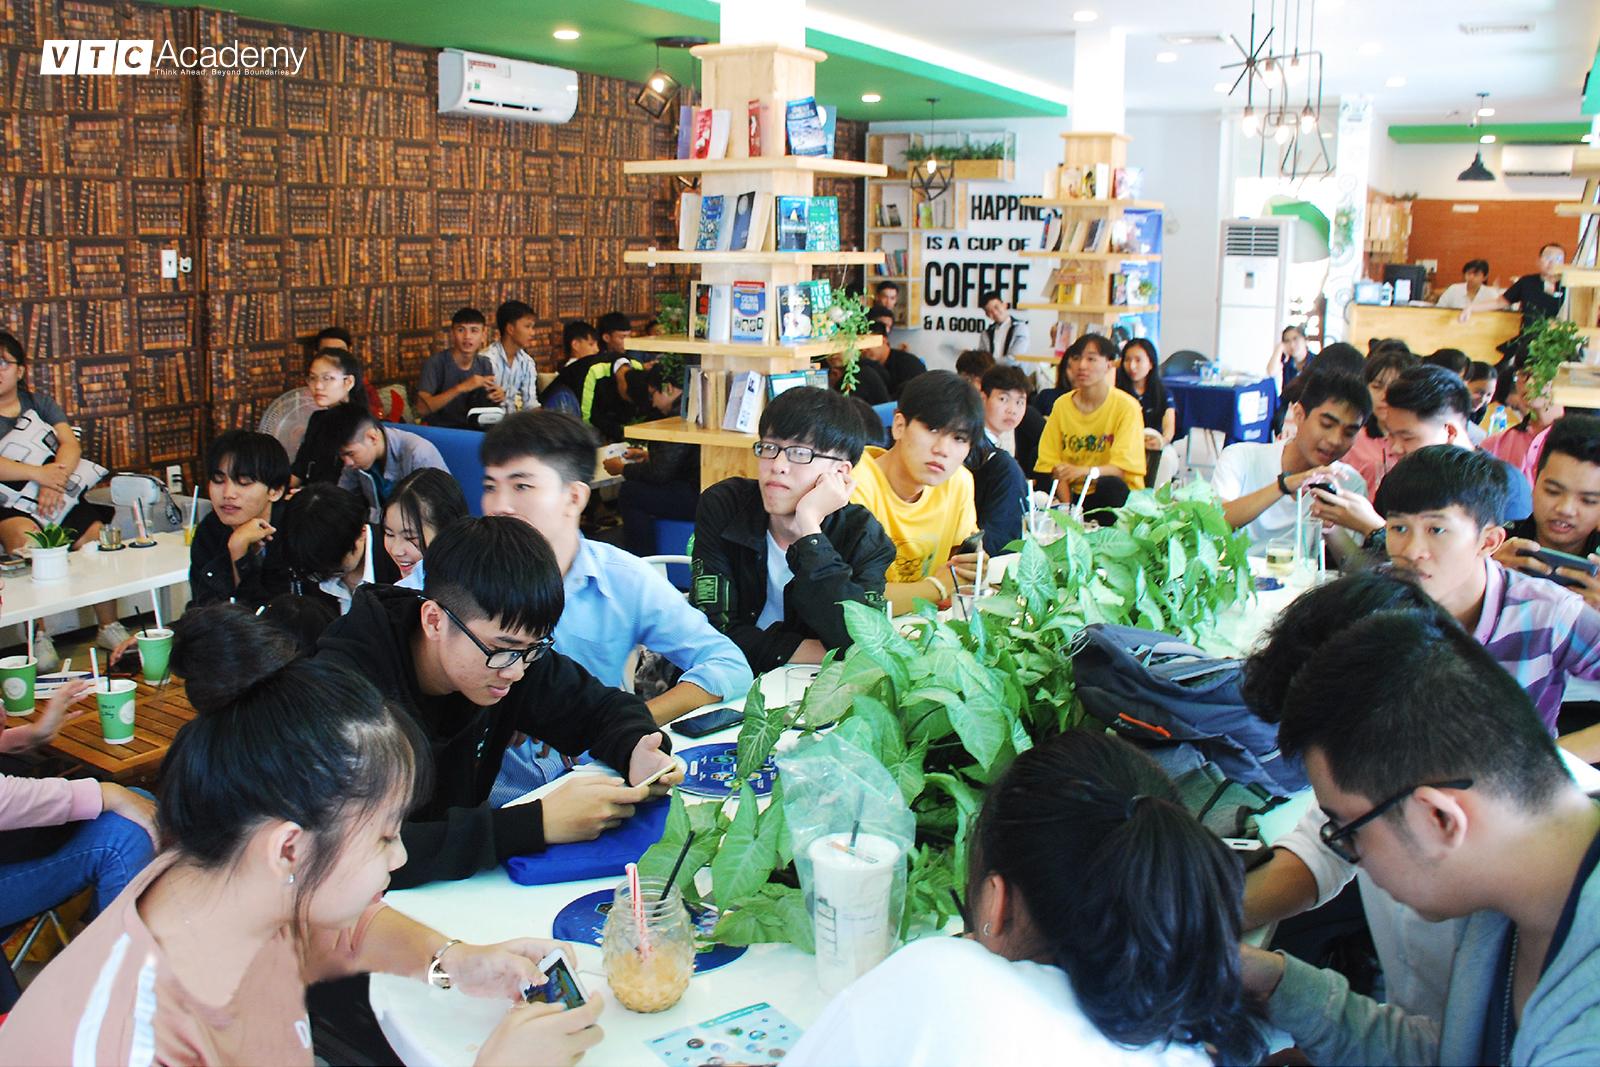 Ngày hội Hướng nghiệp & Trải nghiệm ngành CNTT & Thiết kế tại Tây Ninh